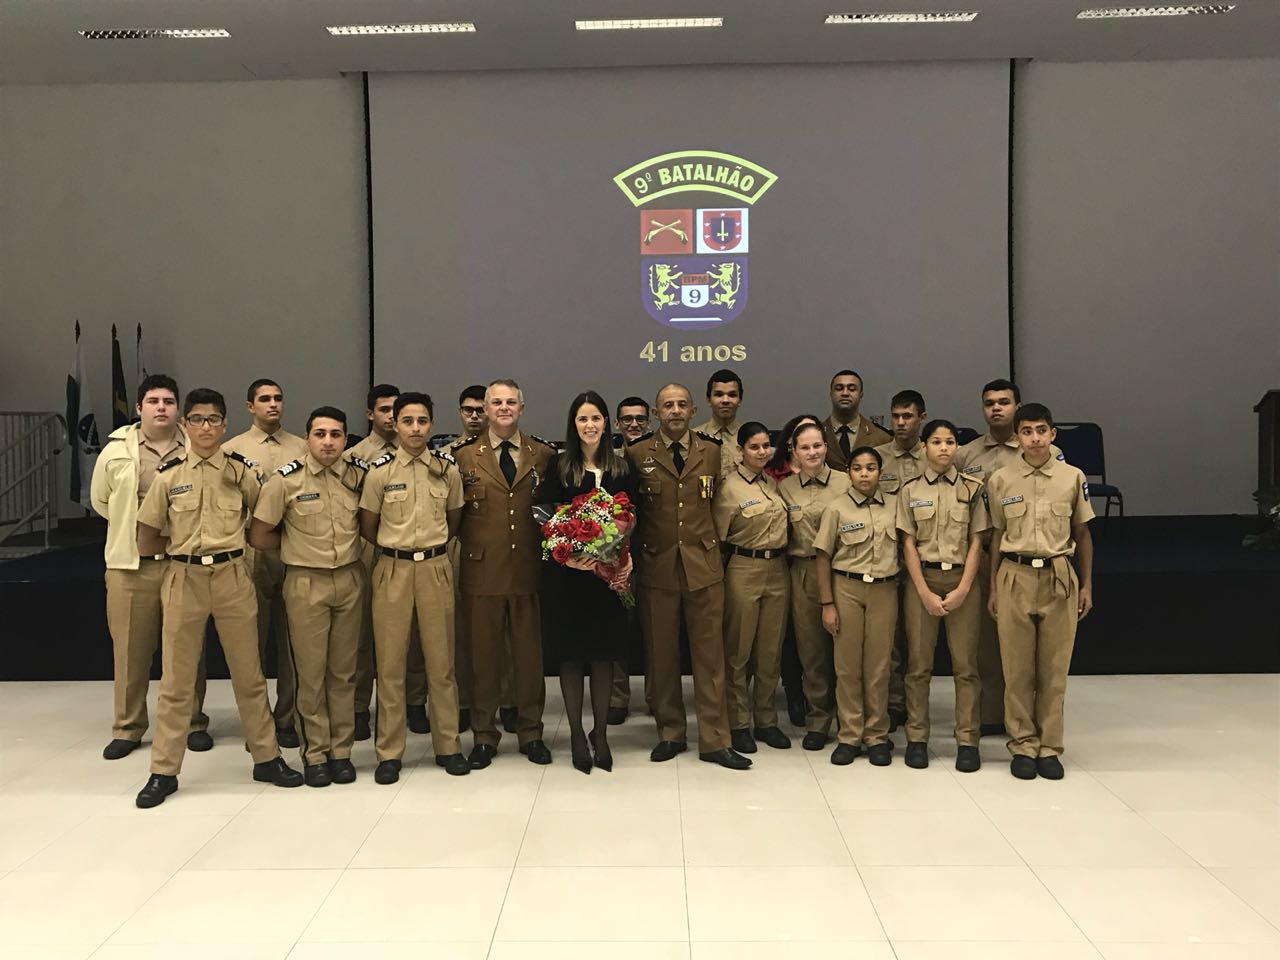 Juíza da Comarca de Pontal do Paraná recebe homenagem da Polícia Militar